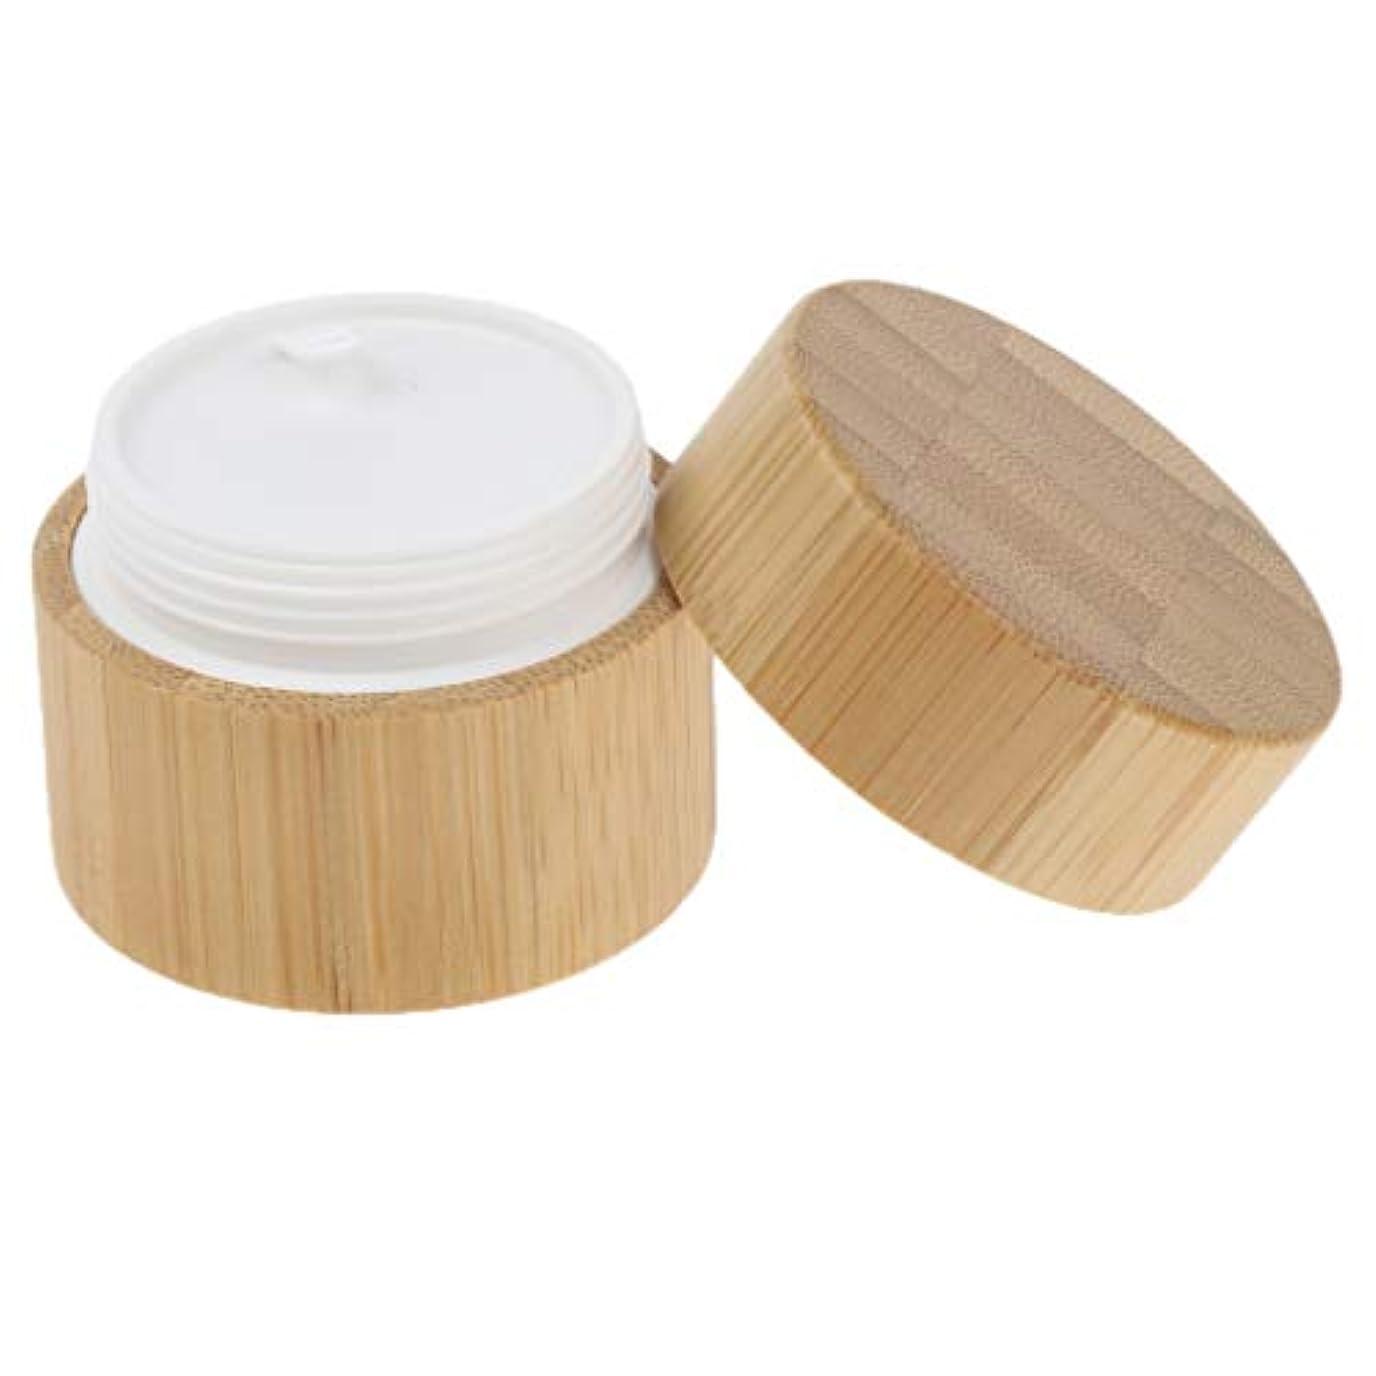 知的防水説得力のあるナチュラル 竹木 ラウンド クリームコンテナ リップバーム コスメ 化粧品容器 2サイズ選べ - 50g